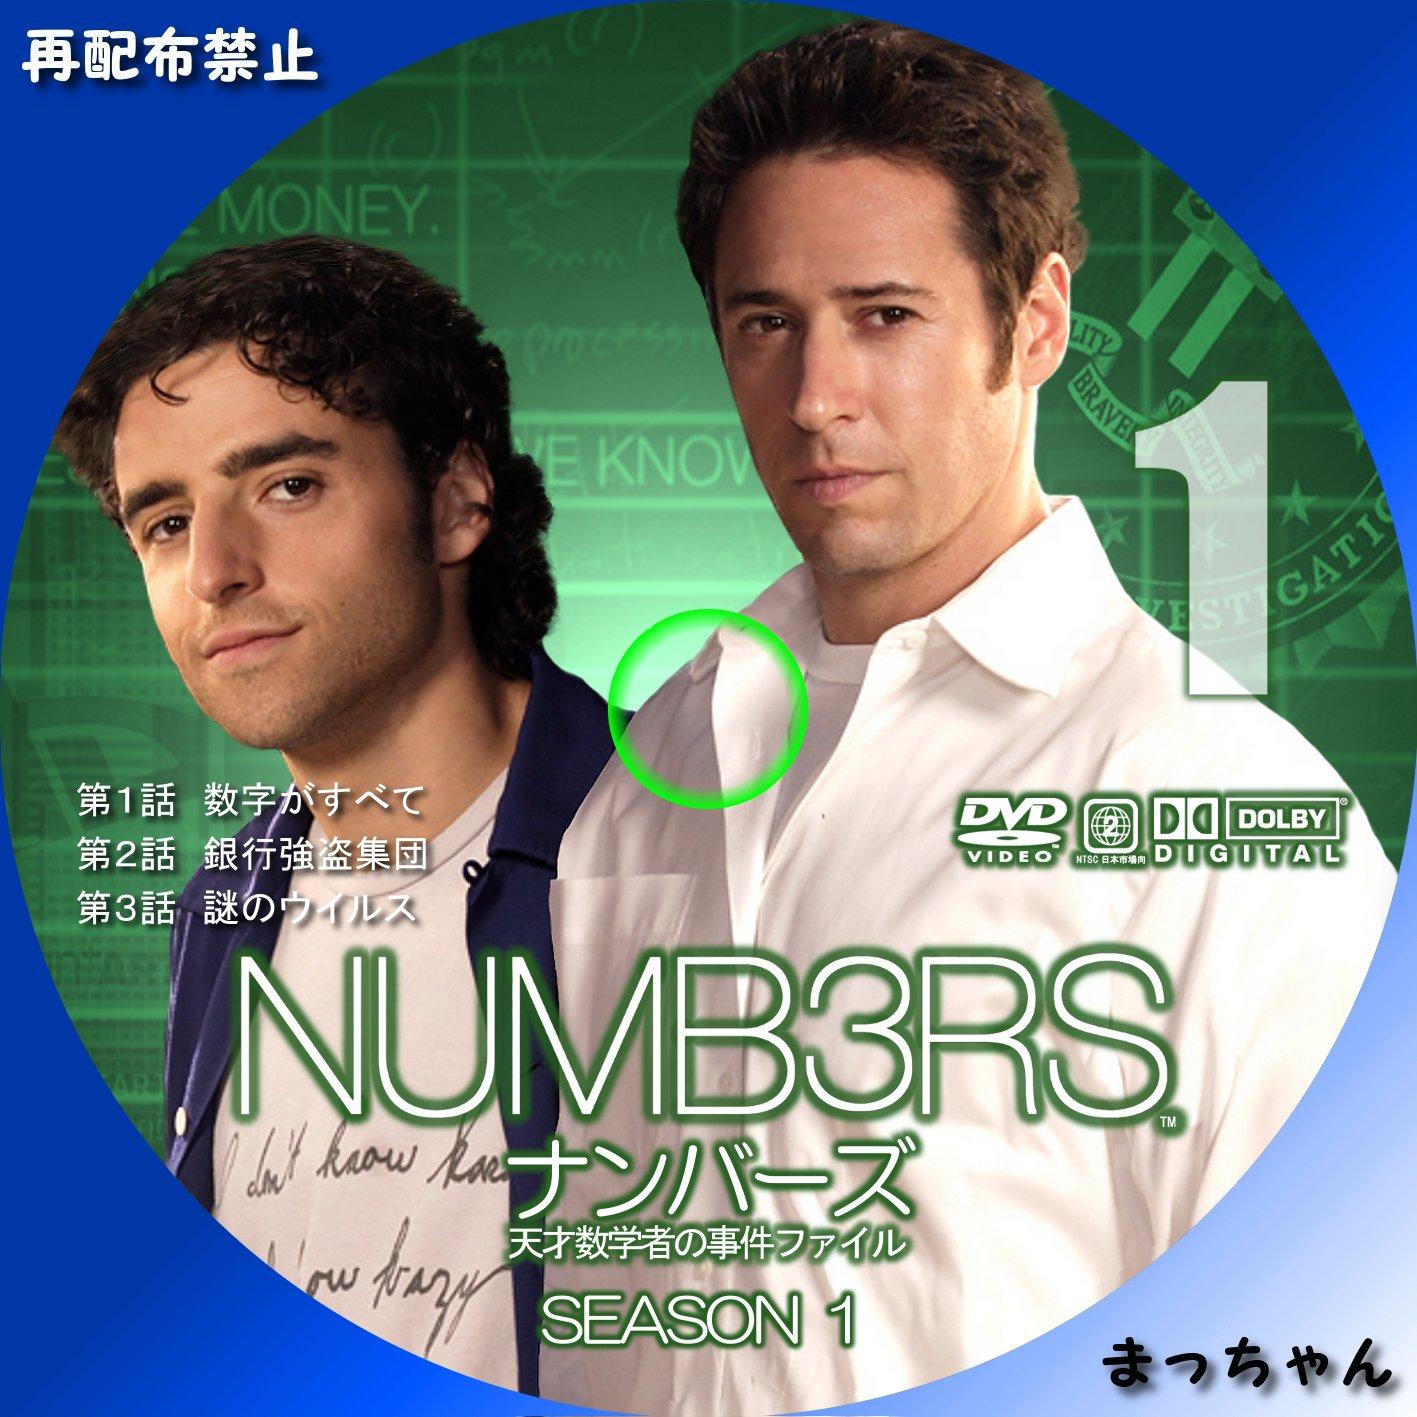 ナンバーズ 天才数学者の事件ファイル | NUMBERS